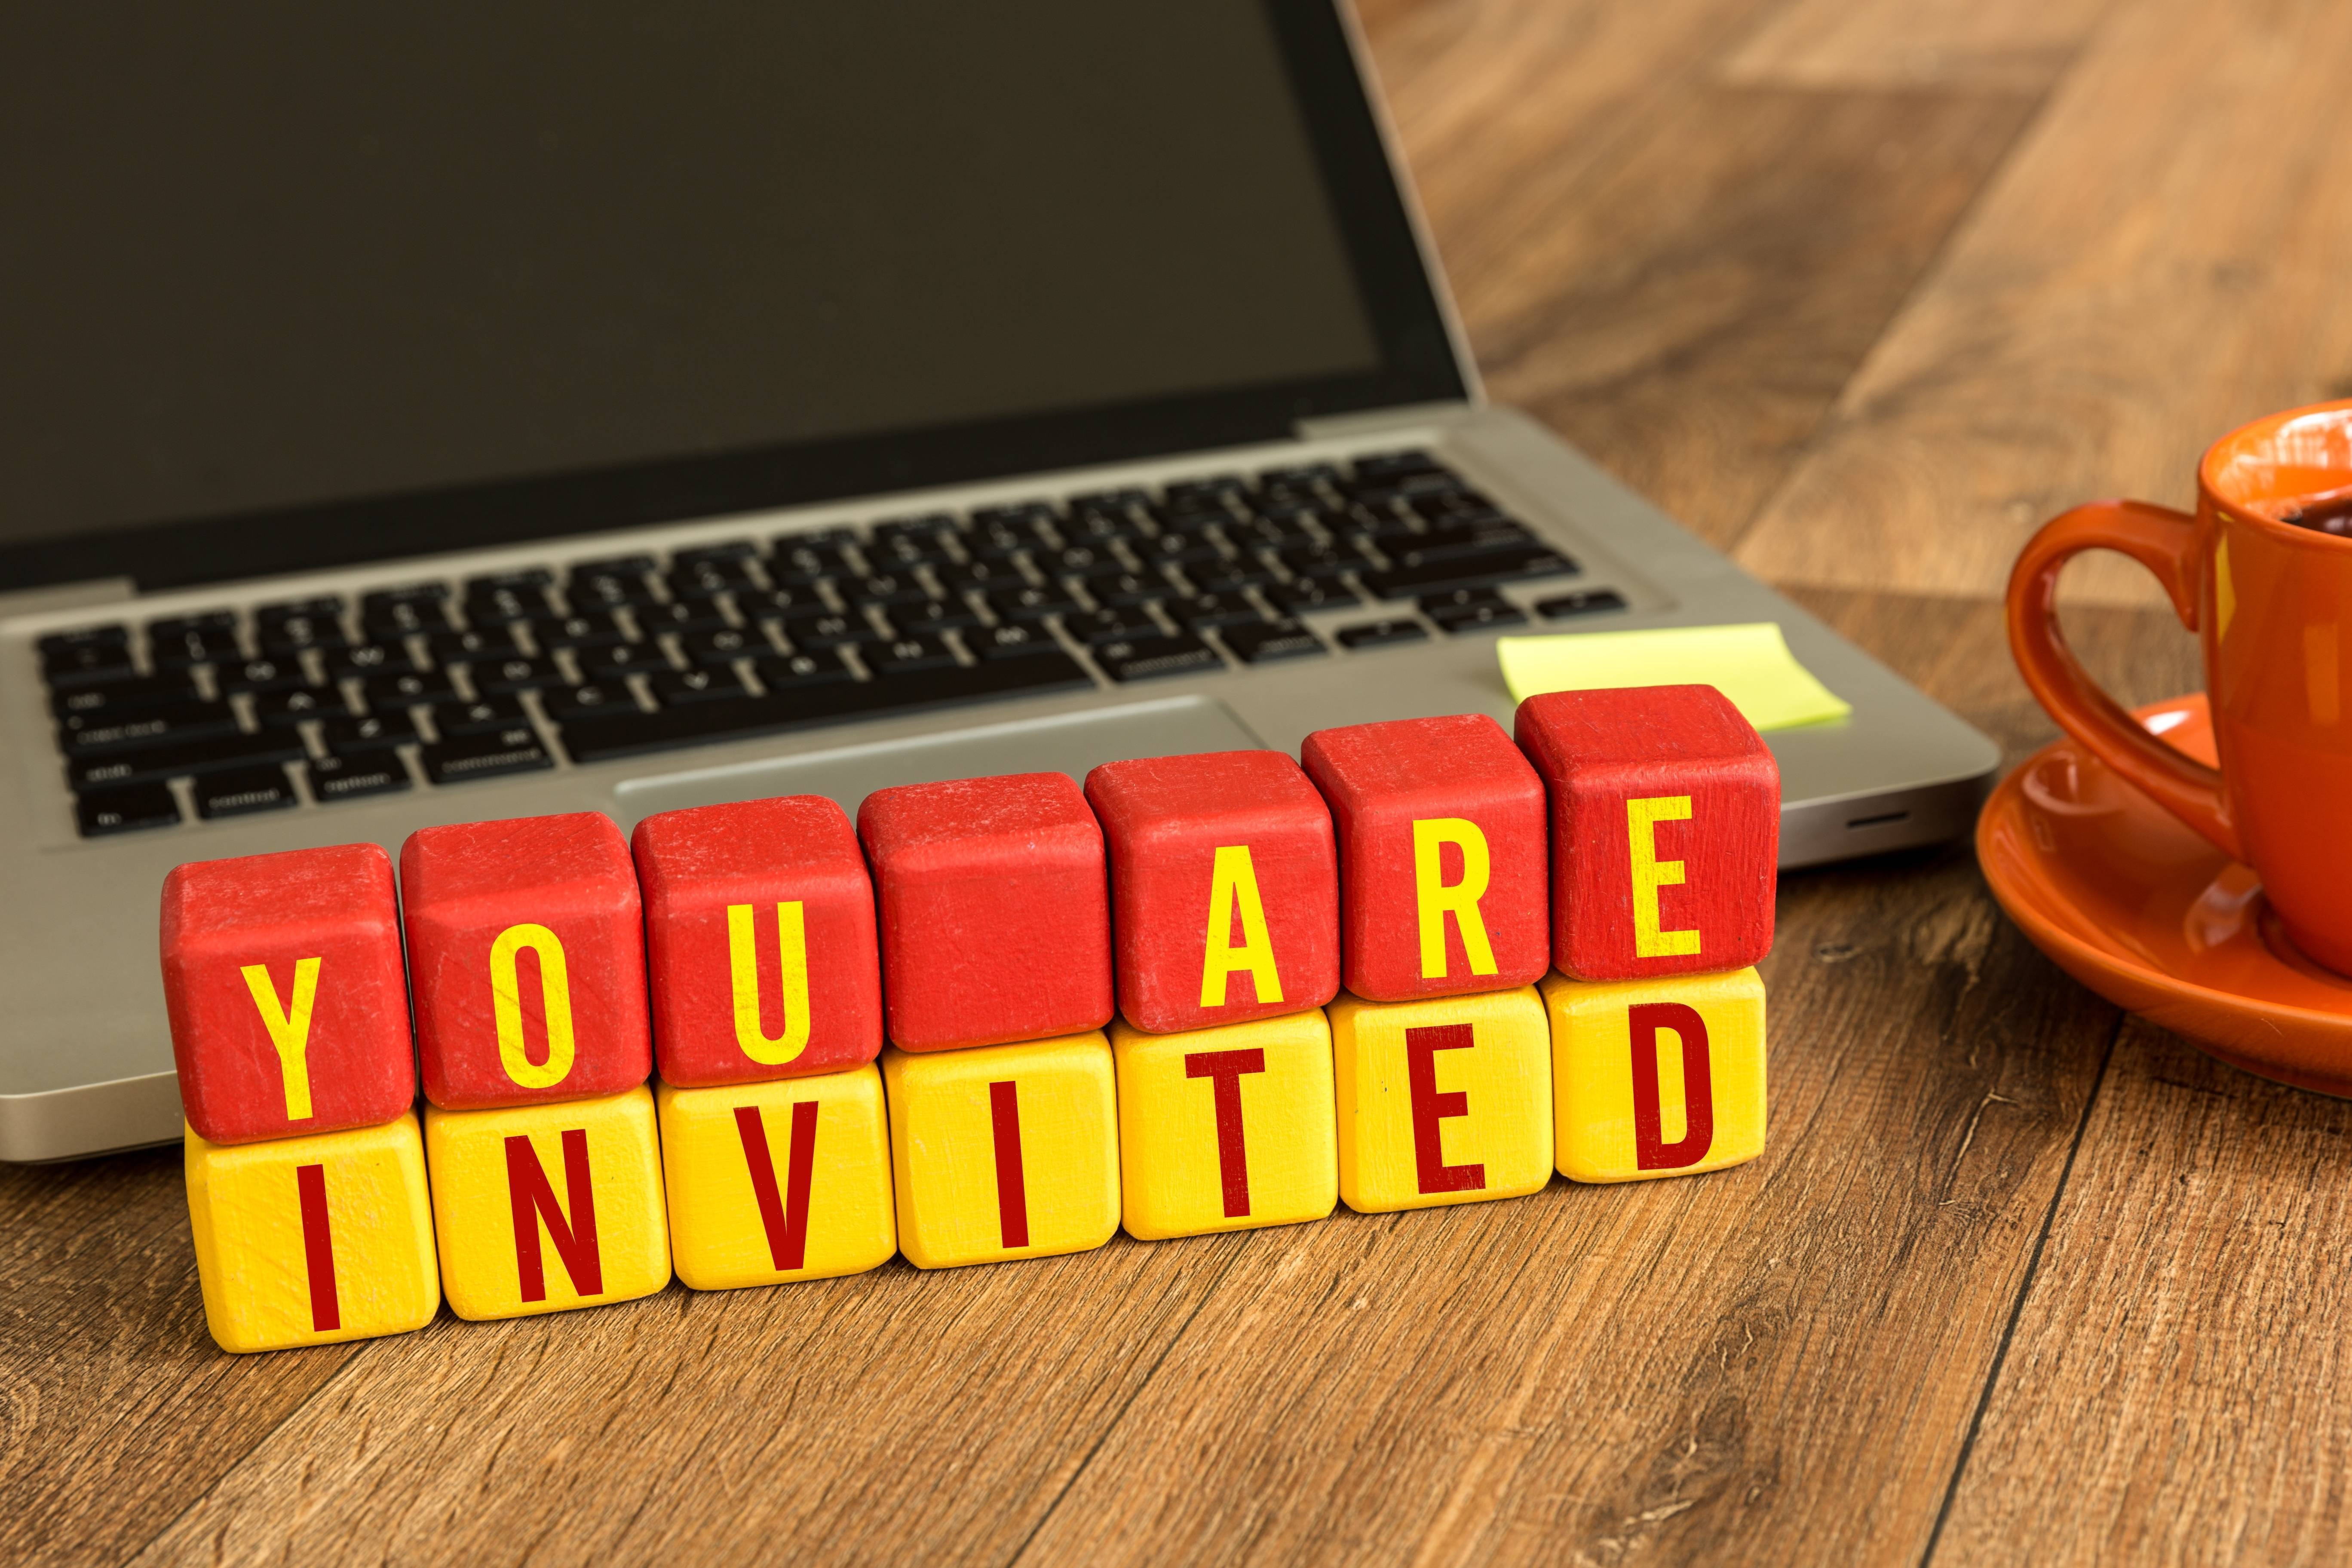 221df6d51323a05e4757_fa66aa07cea947b6d740_d0f9fe2a42904576bc41_You_Are_Invited.jpg